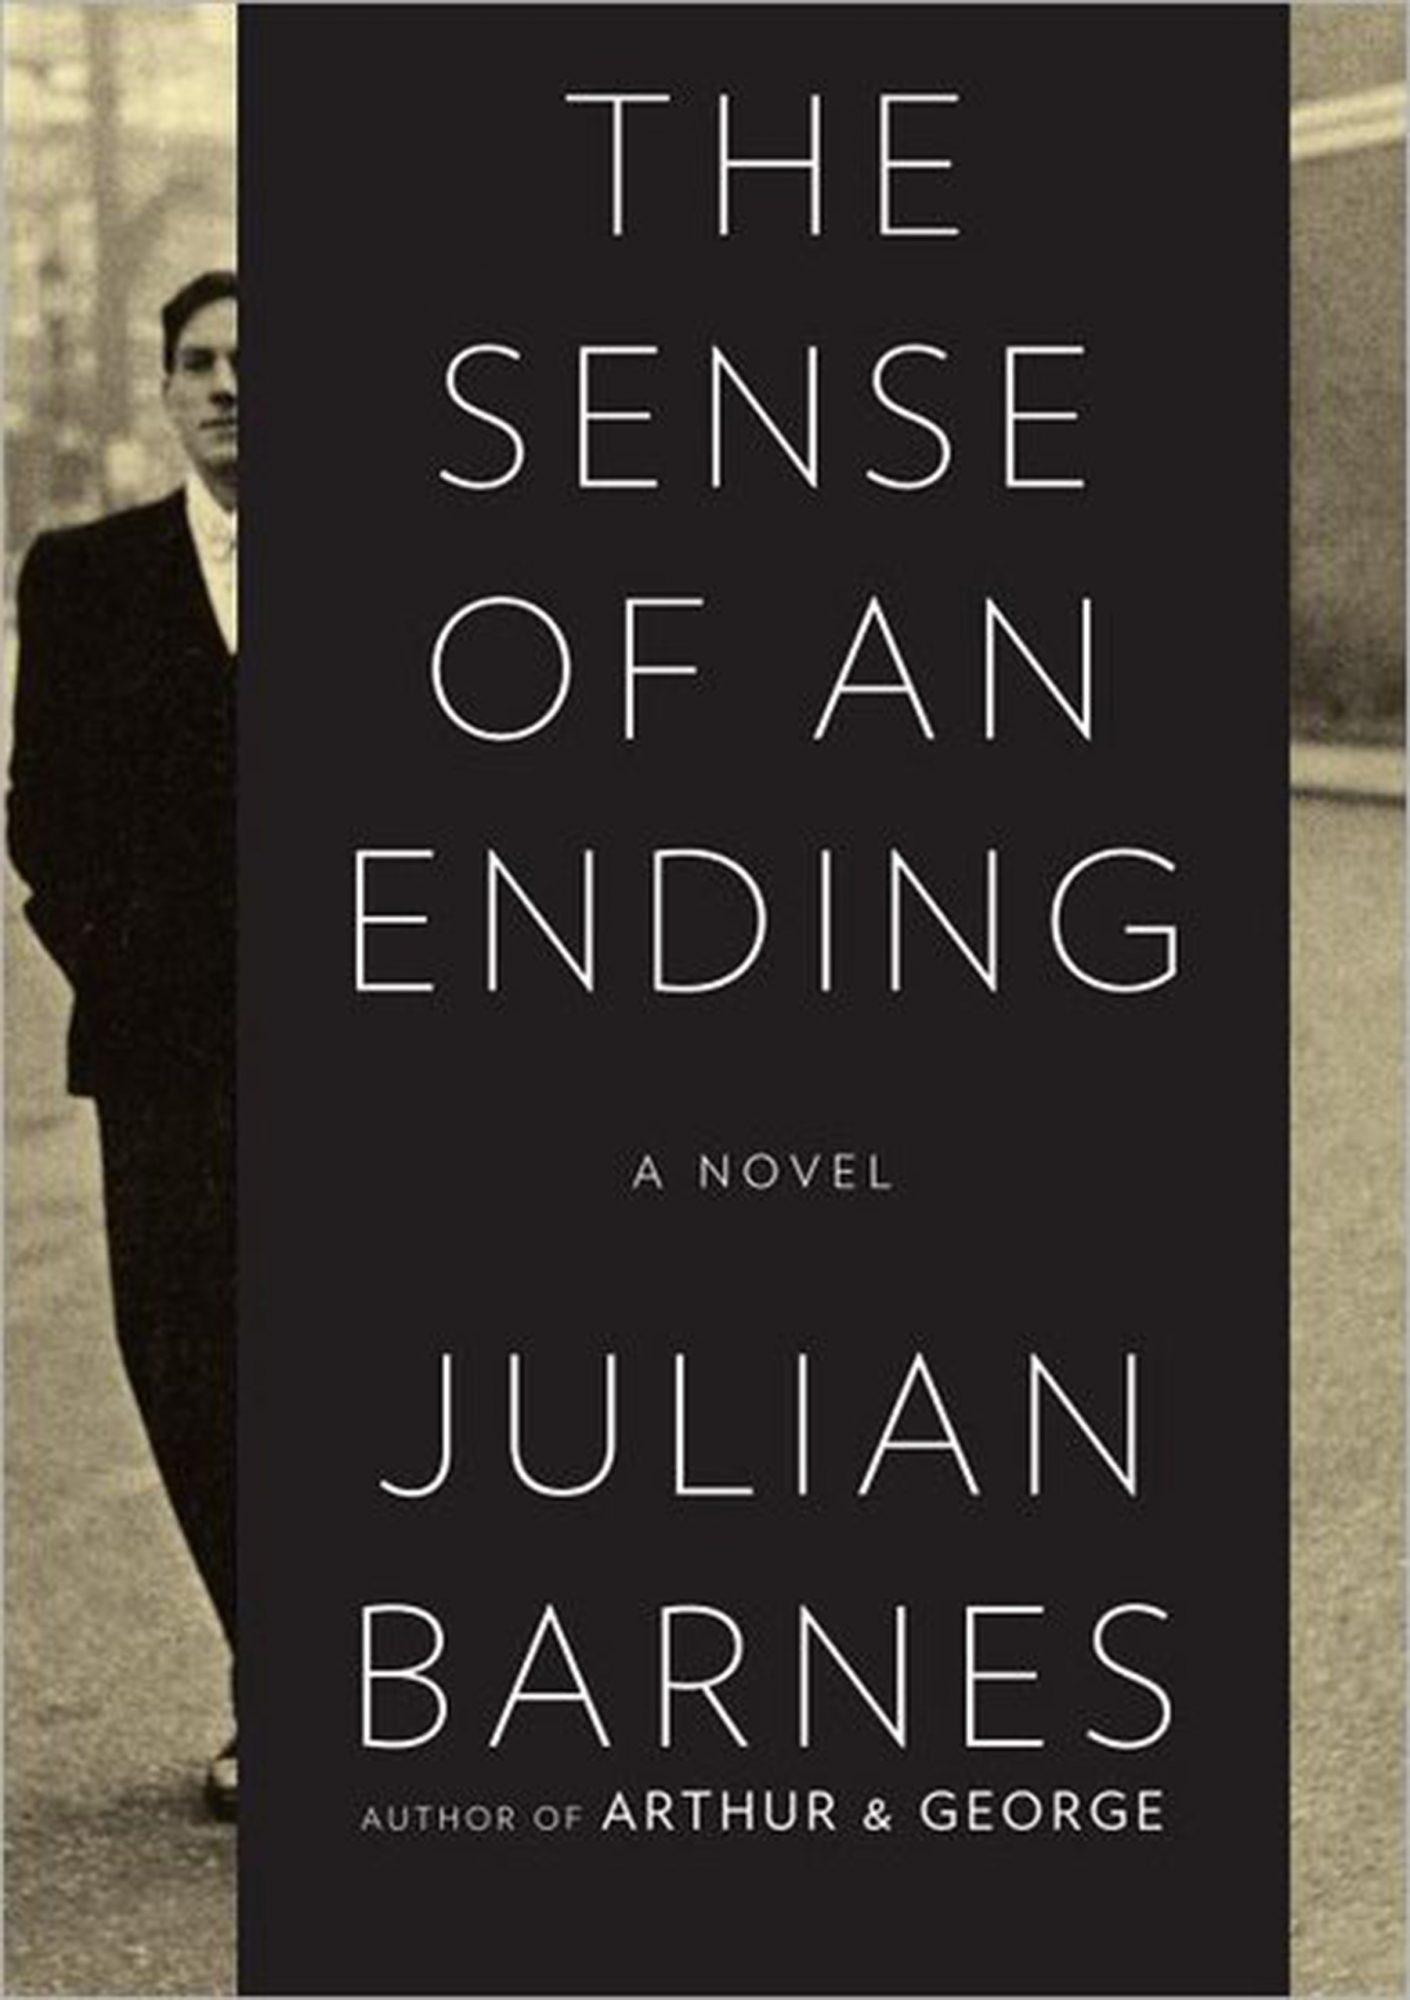 The Sense of an Endingby Julian Barnes